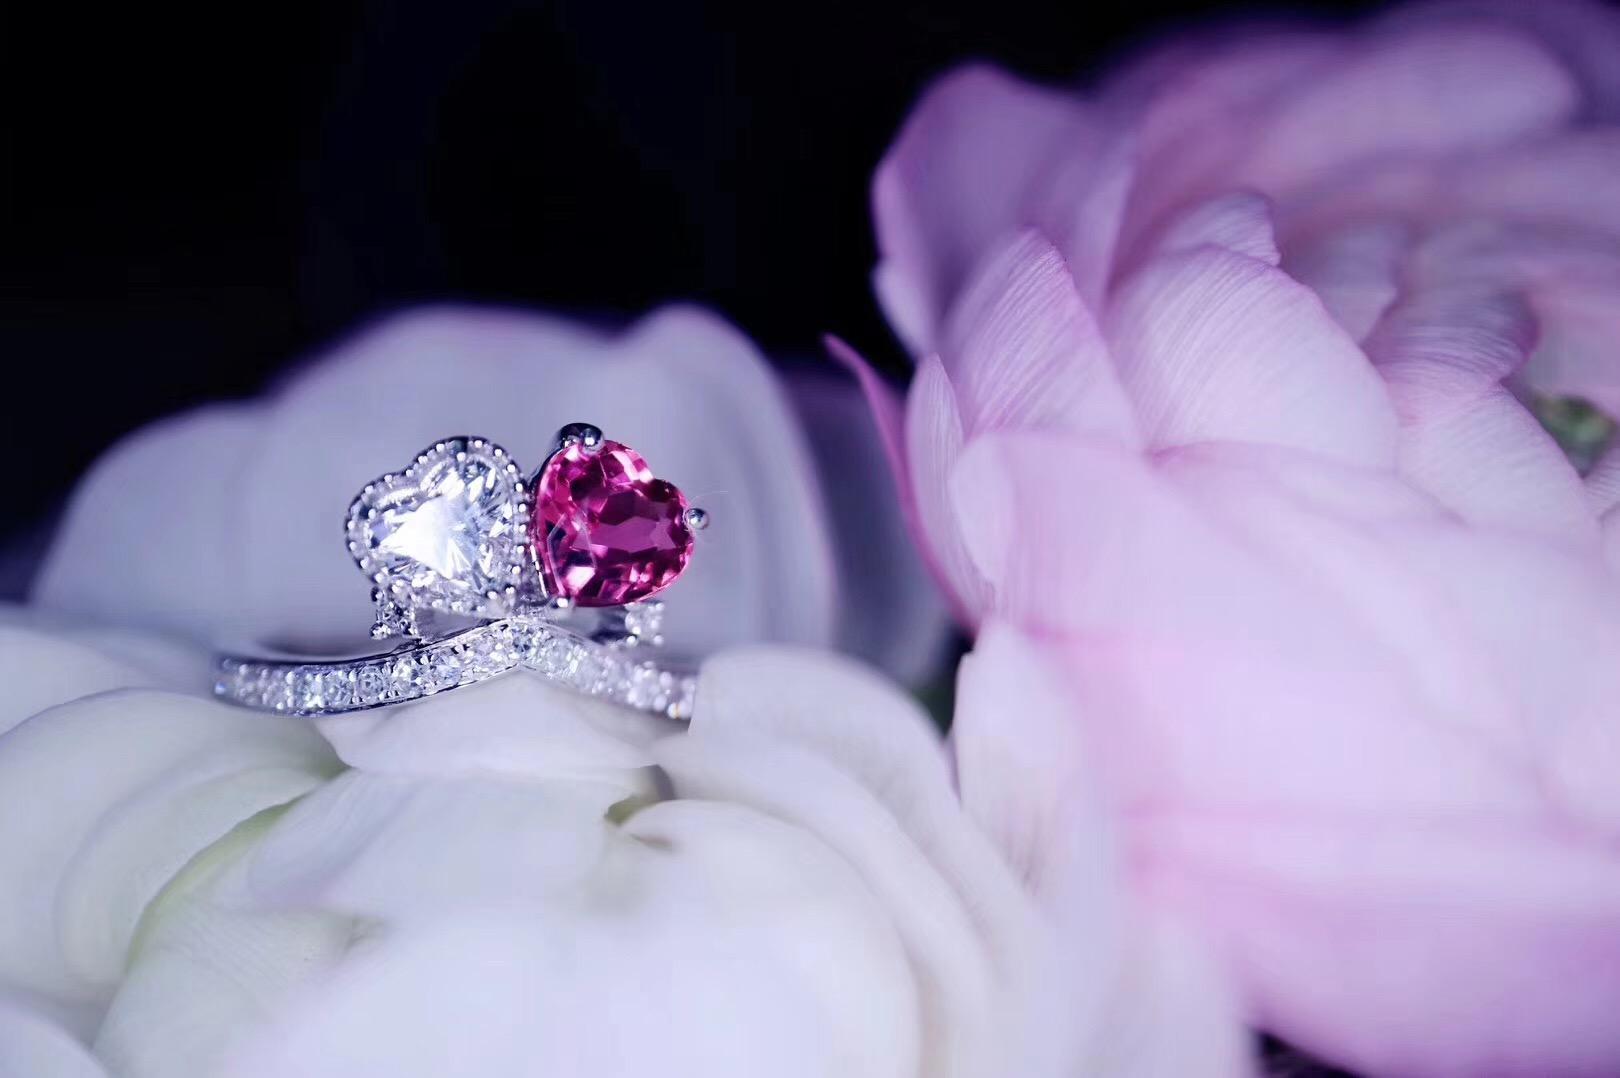 【菩心-碧玺】这款虽为婚戒改版,但不变的,是那颗爱你的心。-菩心晶舍